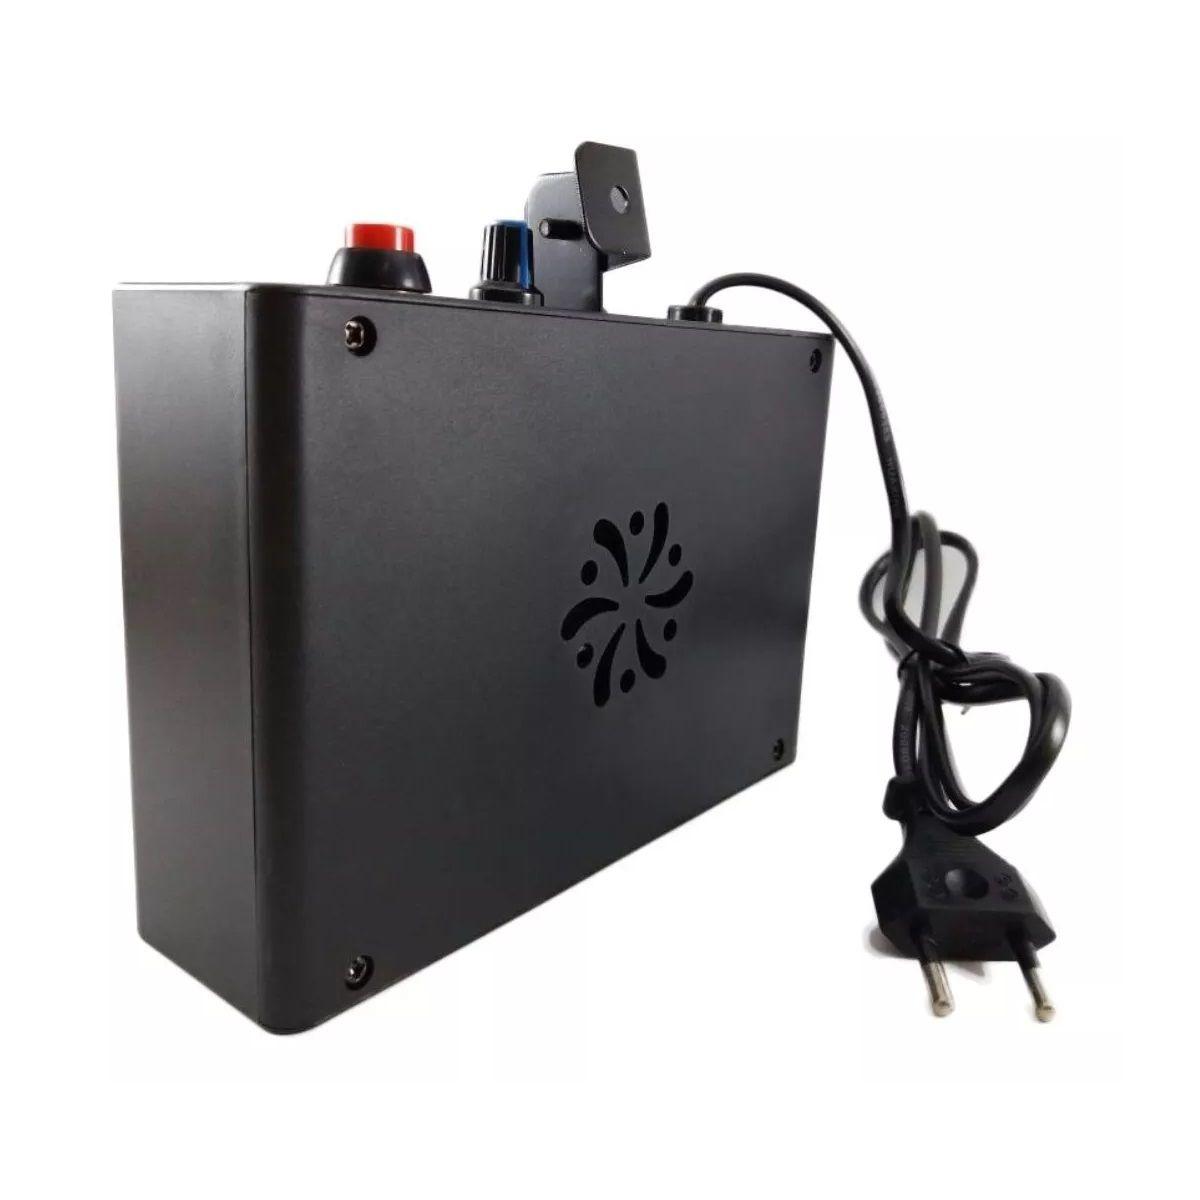 Kit Para Festa Luz 36 Leds 64 Rgb + Strobo Branco + Maquina De Fumaça 600W Com Fluido